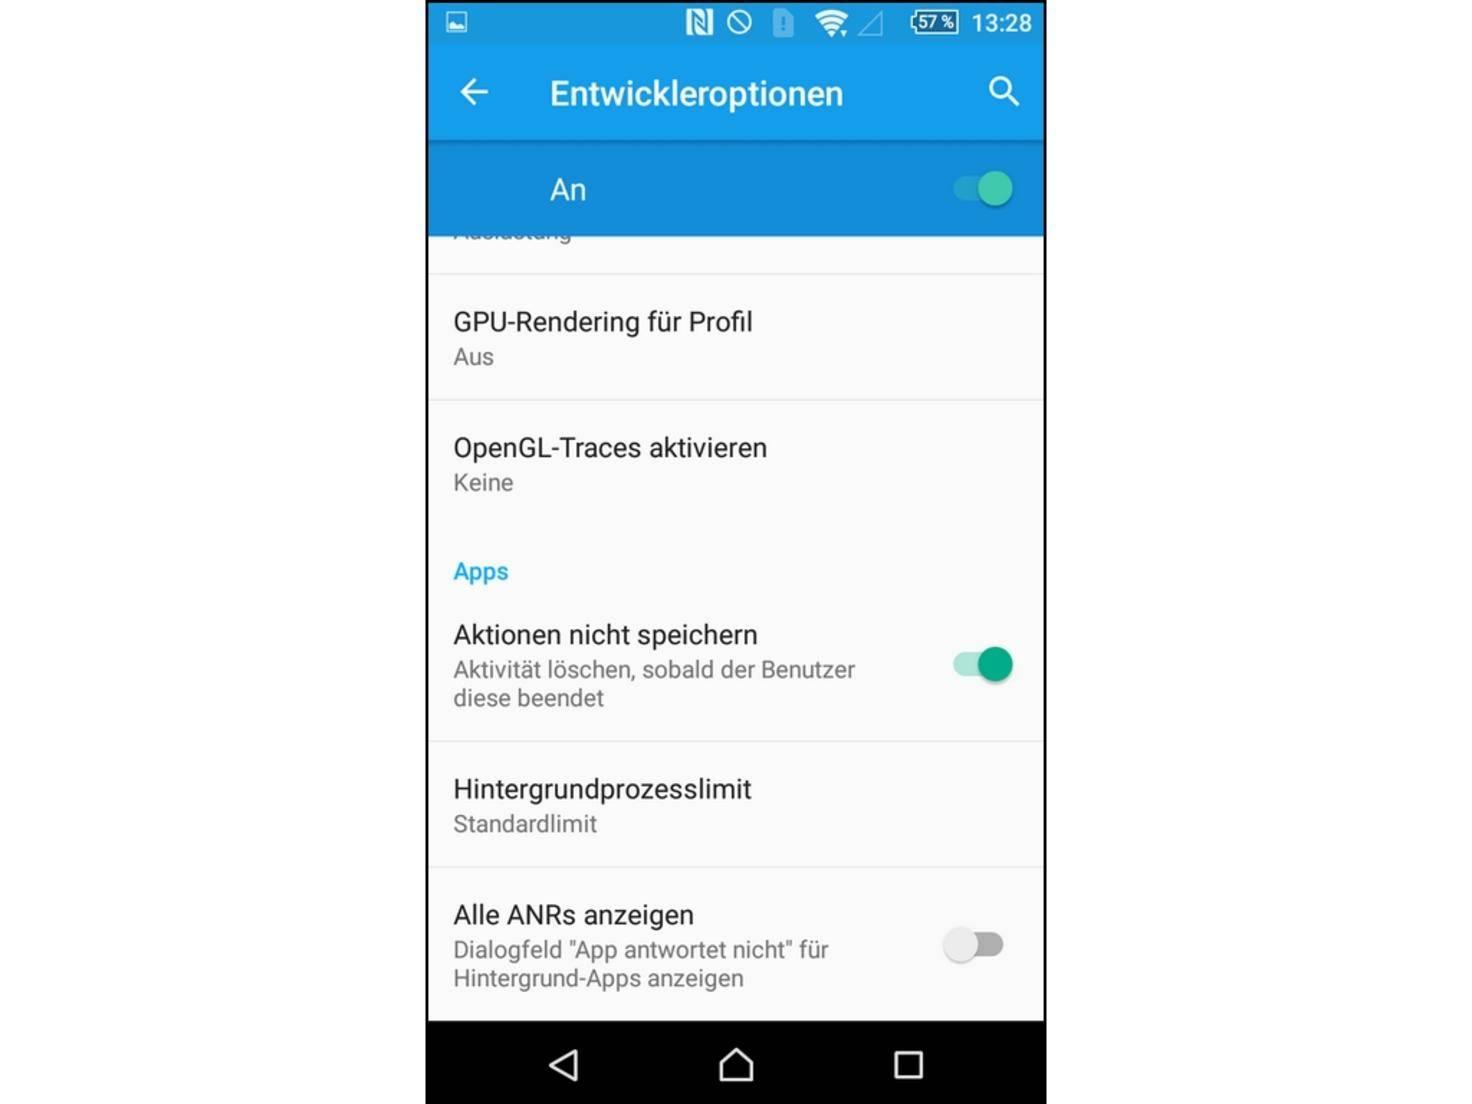 Android 8 apps im hintergrund beenden